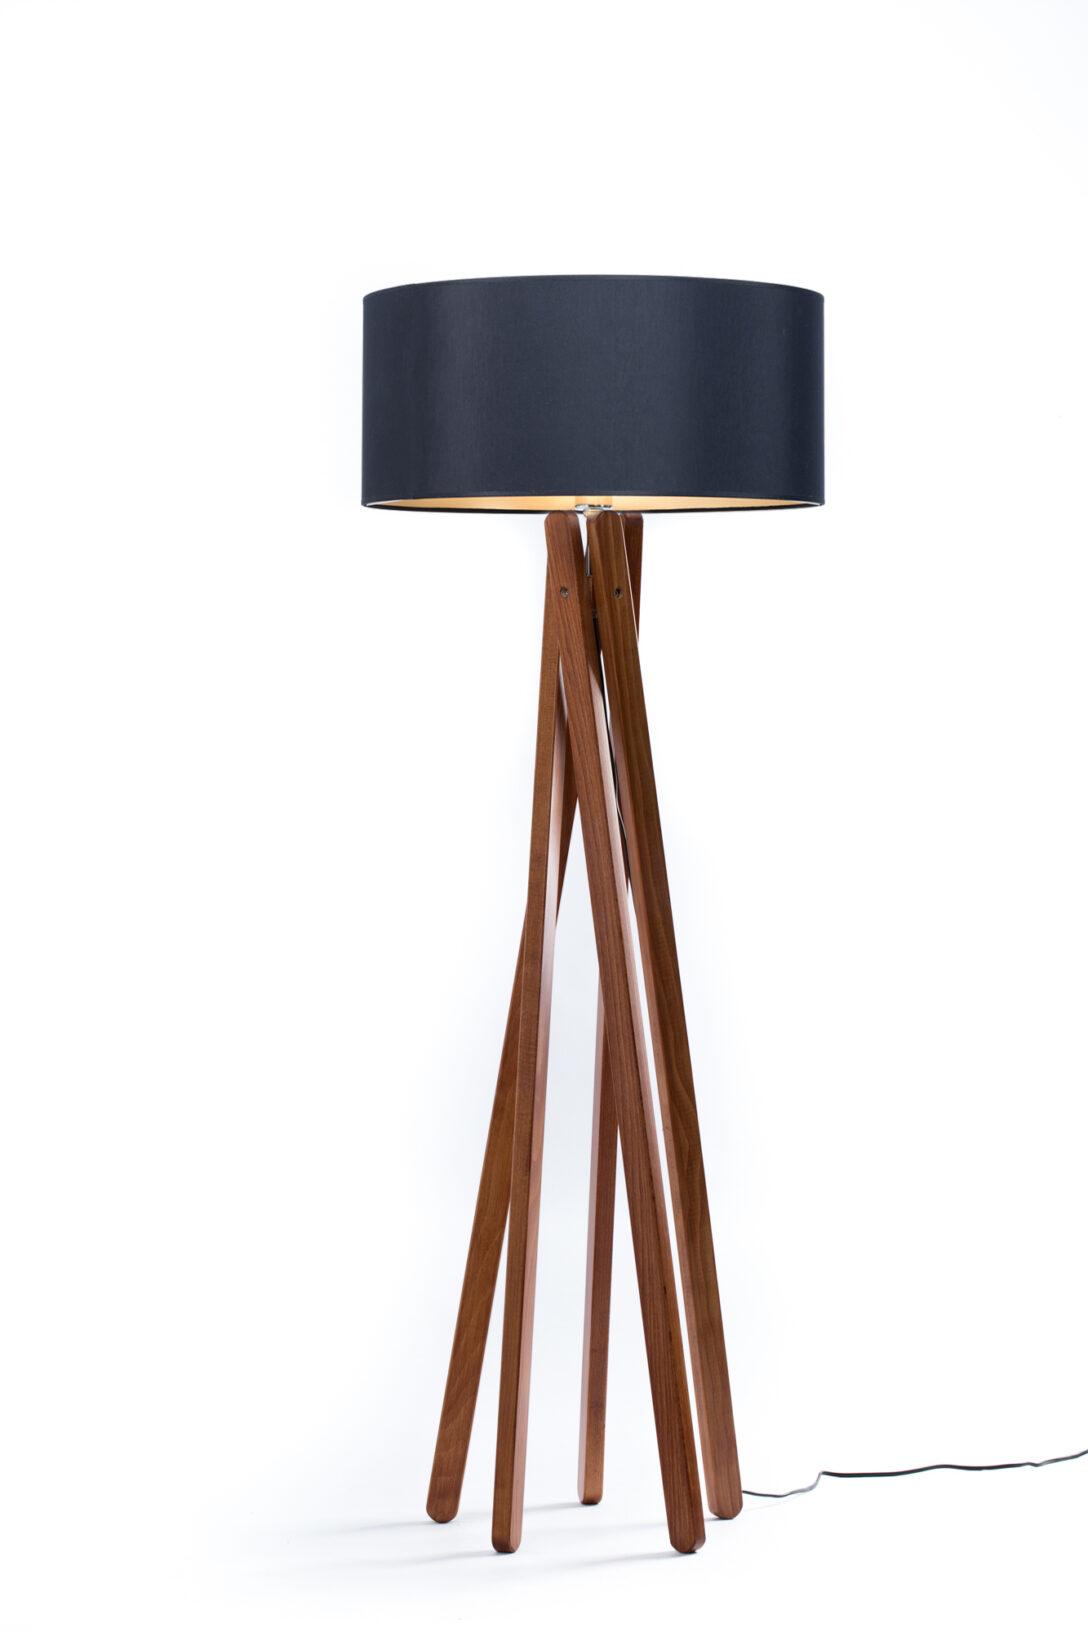 Large Size of Wohnzimmer Stehlampe Modern Poco Stehlampen Holz Dimmbar Ikea Led Bilder Xxl Hängeleuchte Deckenlampen Board Moderne Fürs Bett Design Liege Deckenstrahler Wohnzimmer Wohnzimmer Stehlampe Modern